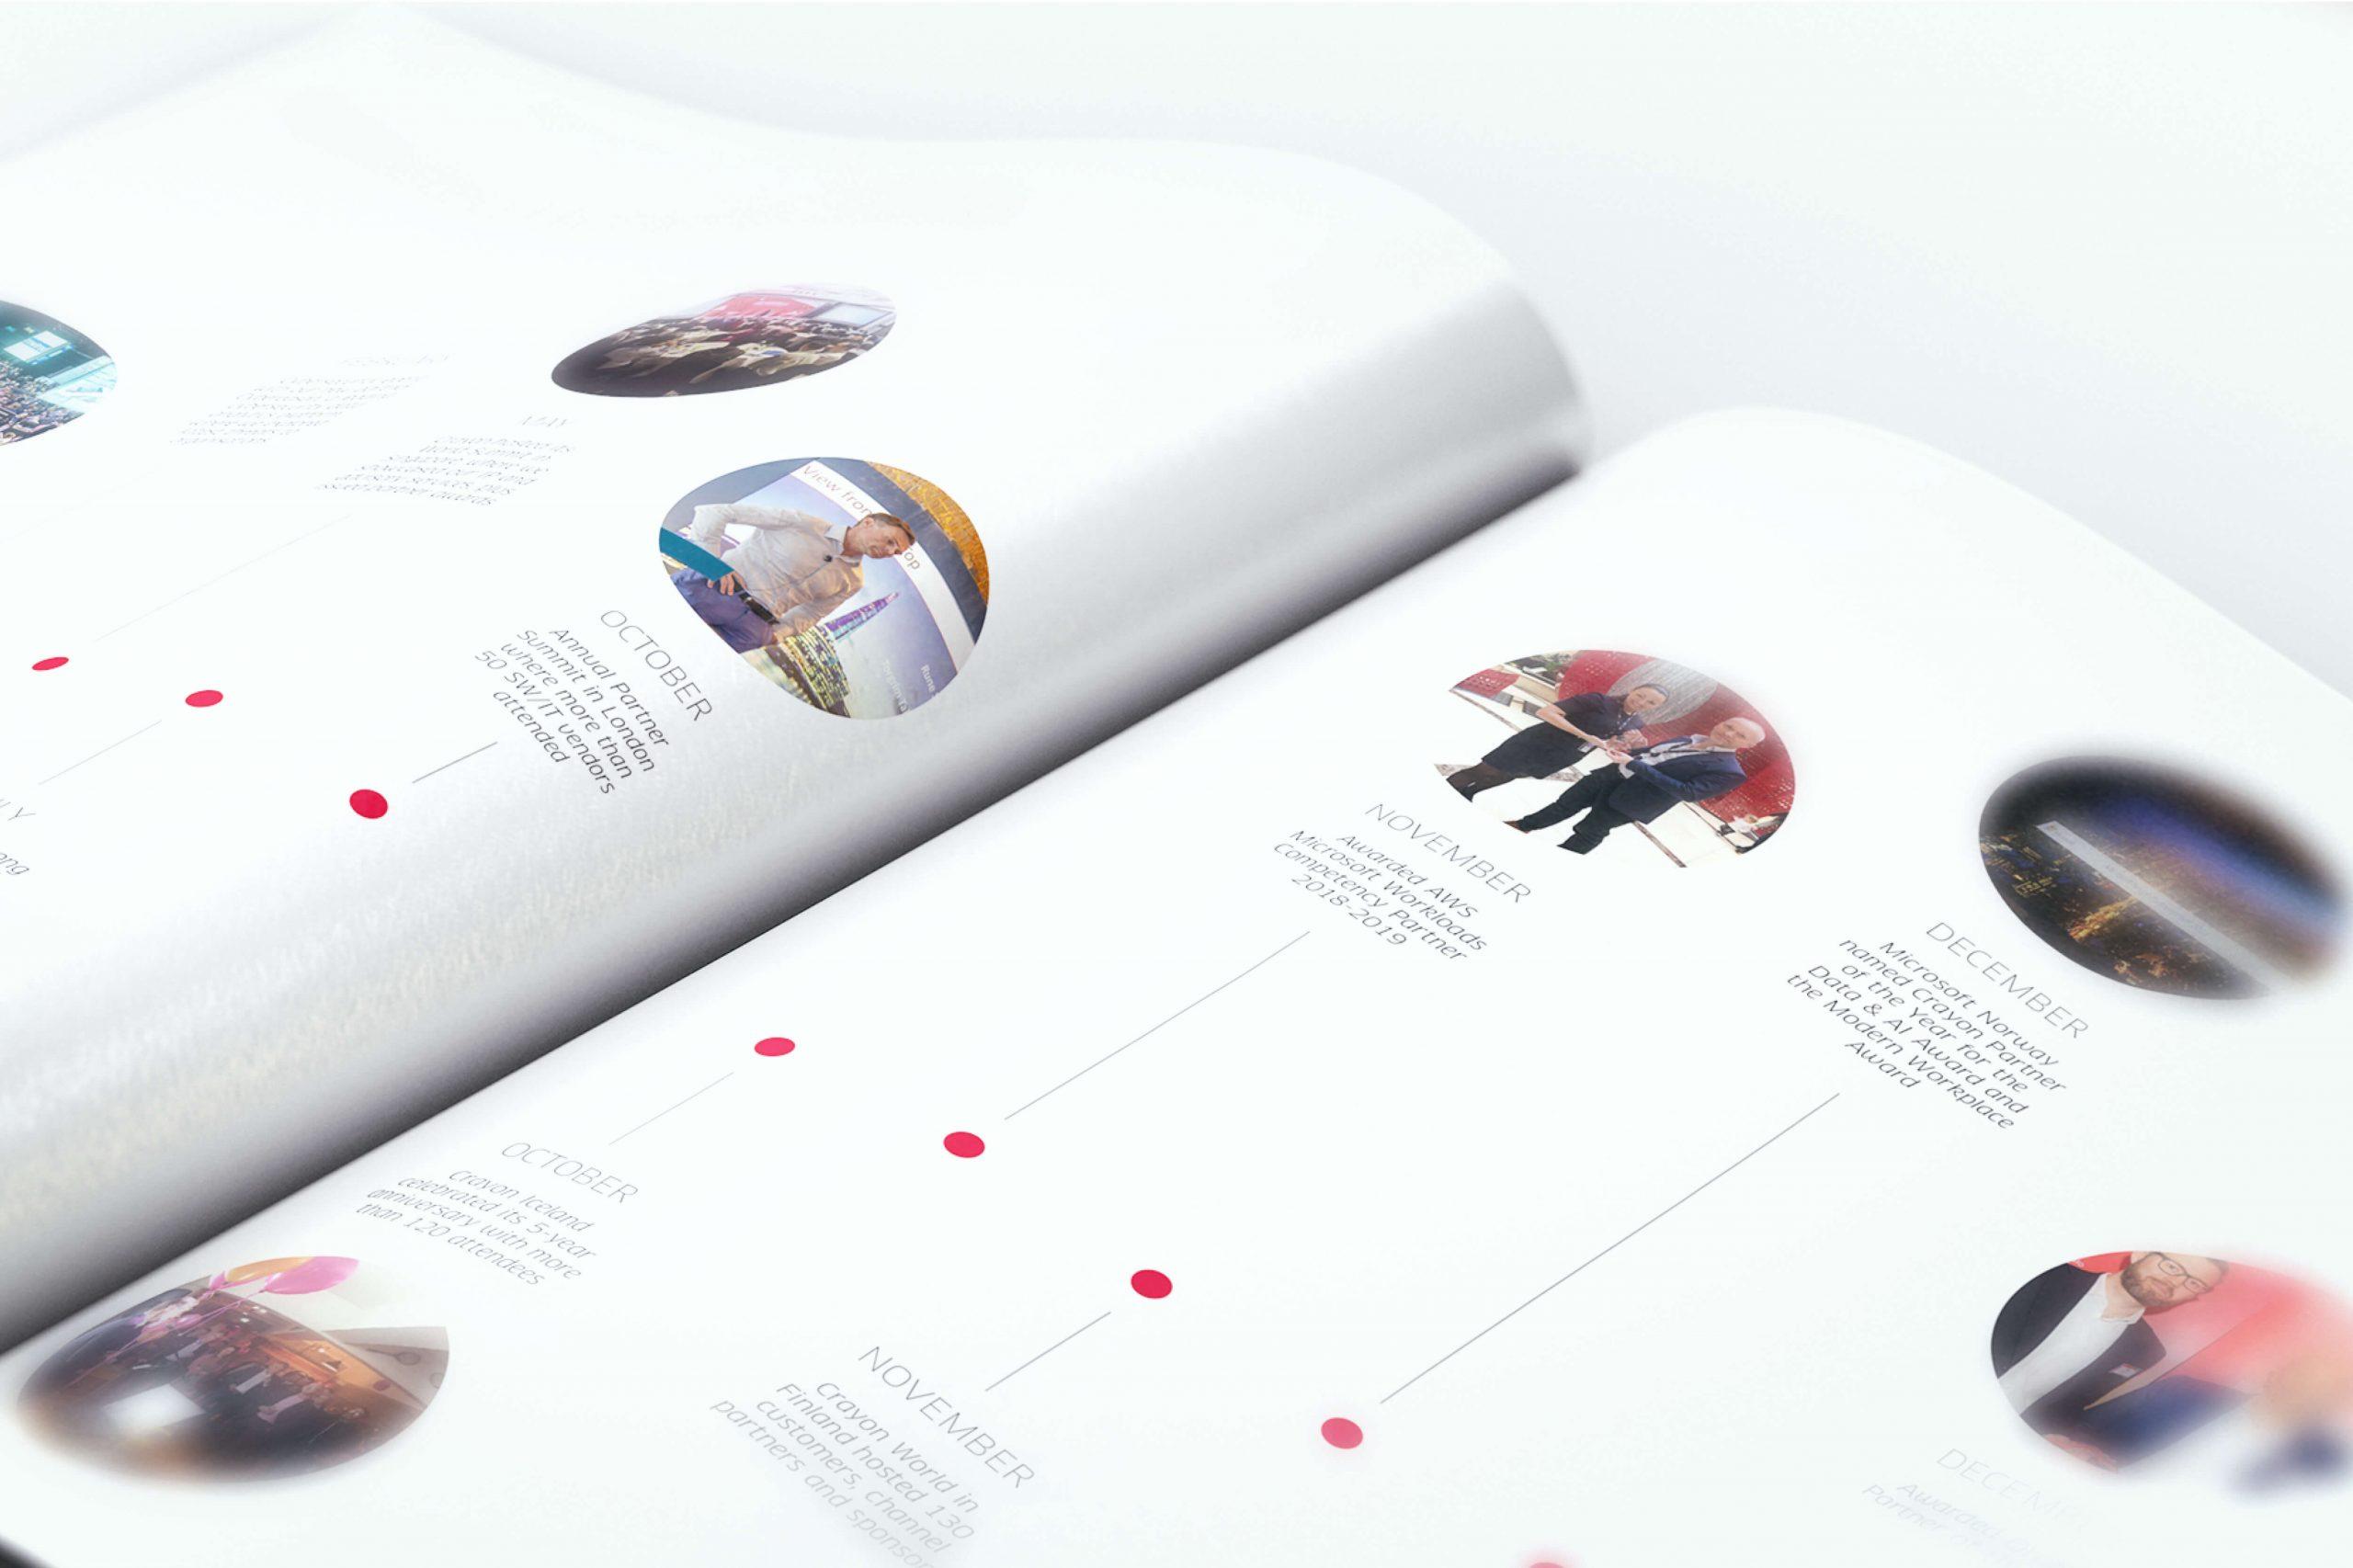 En Crayon årsrapport ligger åpnet på en hvit bakgrunn hvor en oppslagsside med en tidslinje om året som har gått er synlig